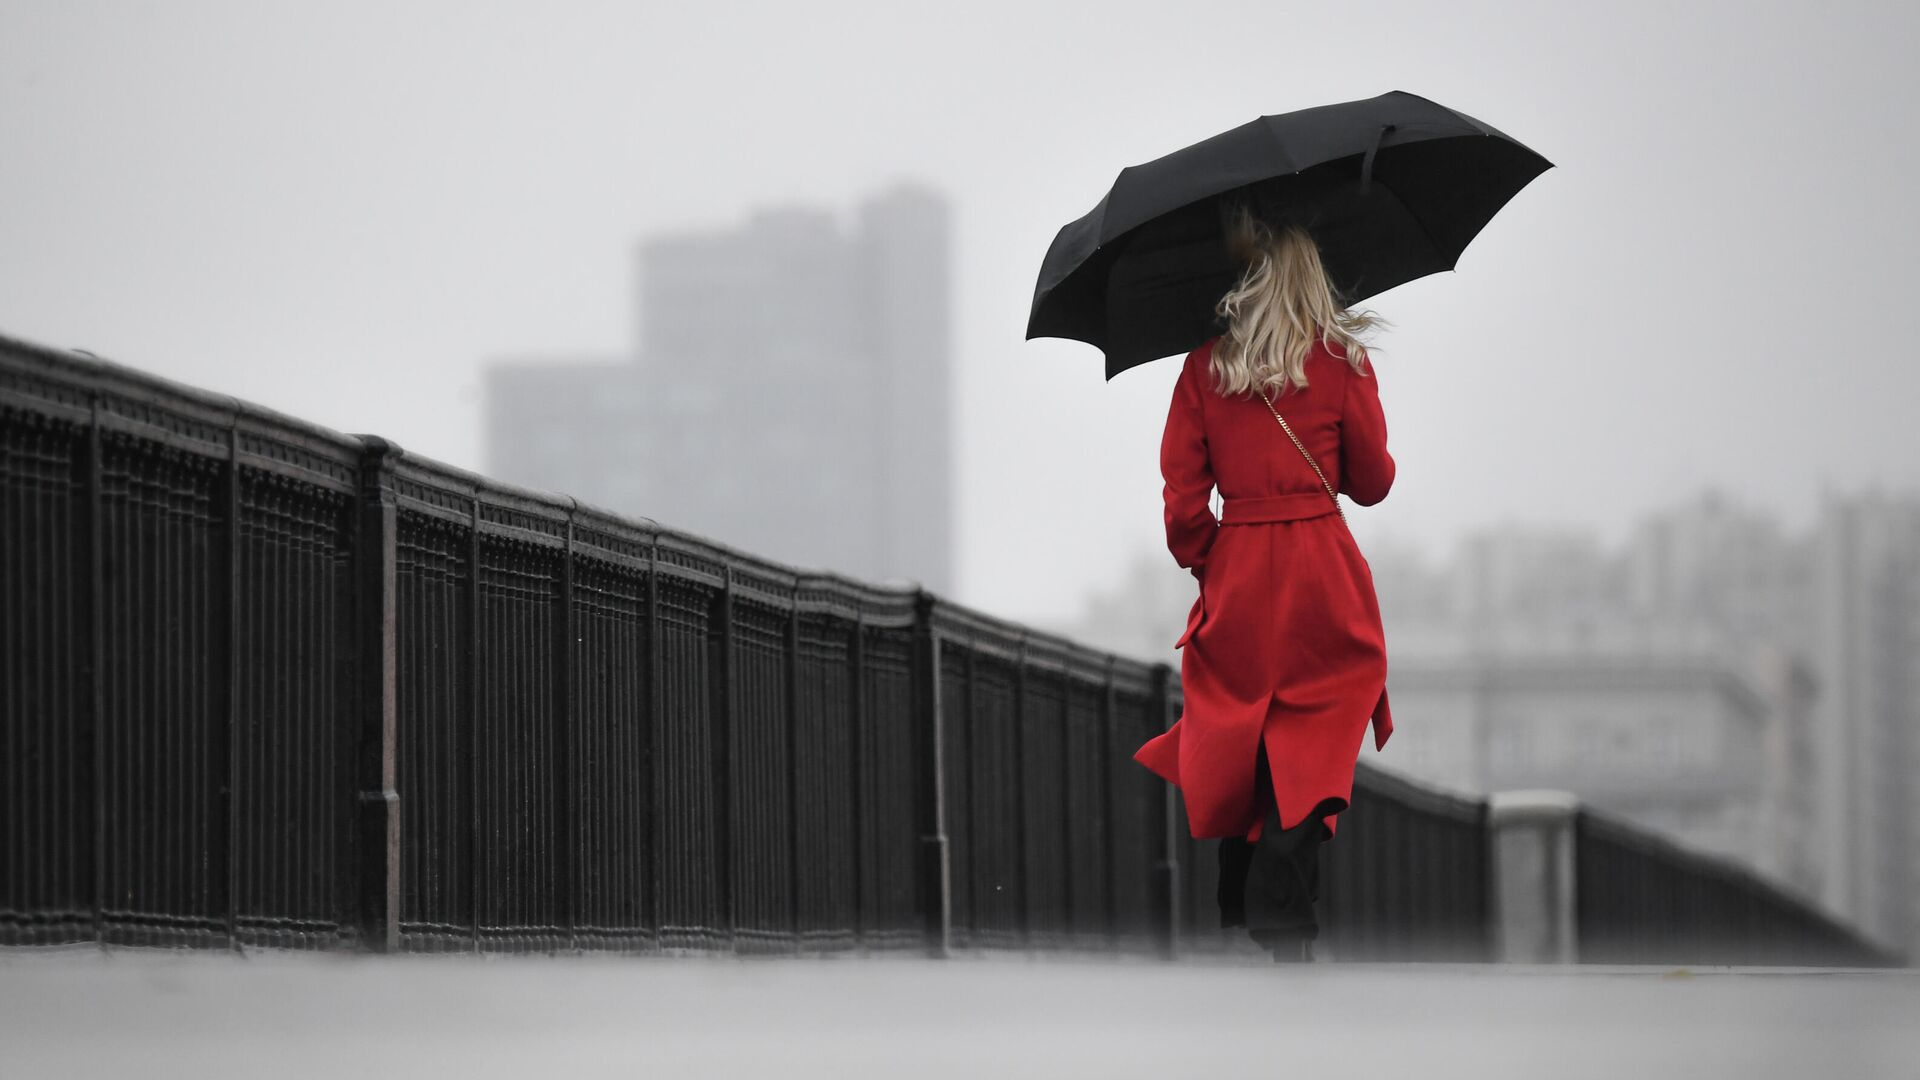 Женщина с зонтом идет по Крымскому мосту во время дождя в Москве - РИА Новости, 1920, 14.10.2021